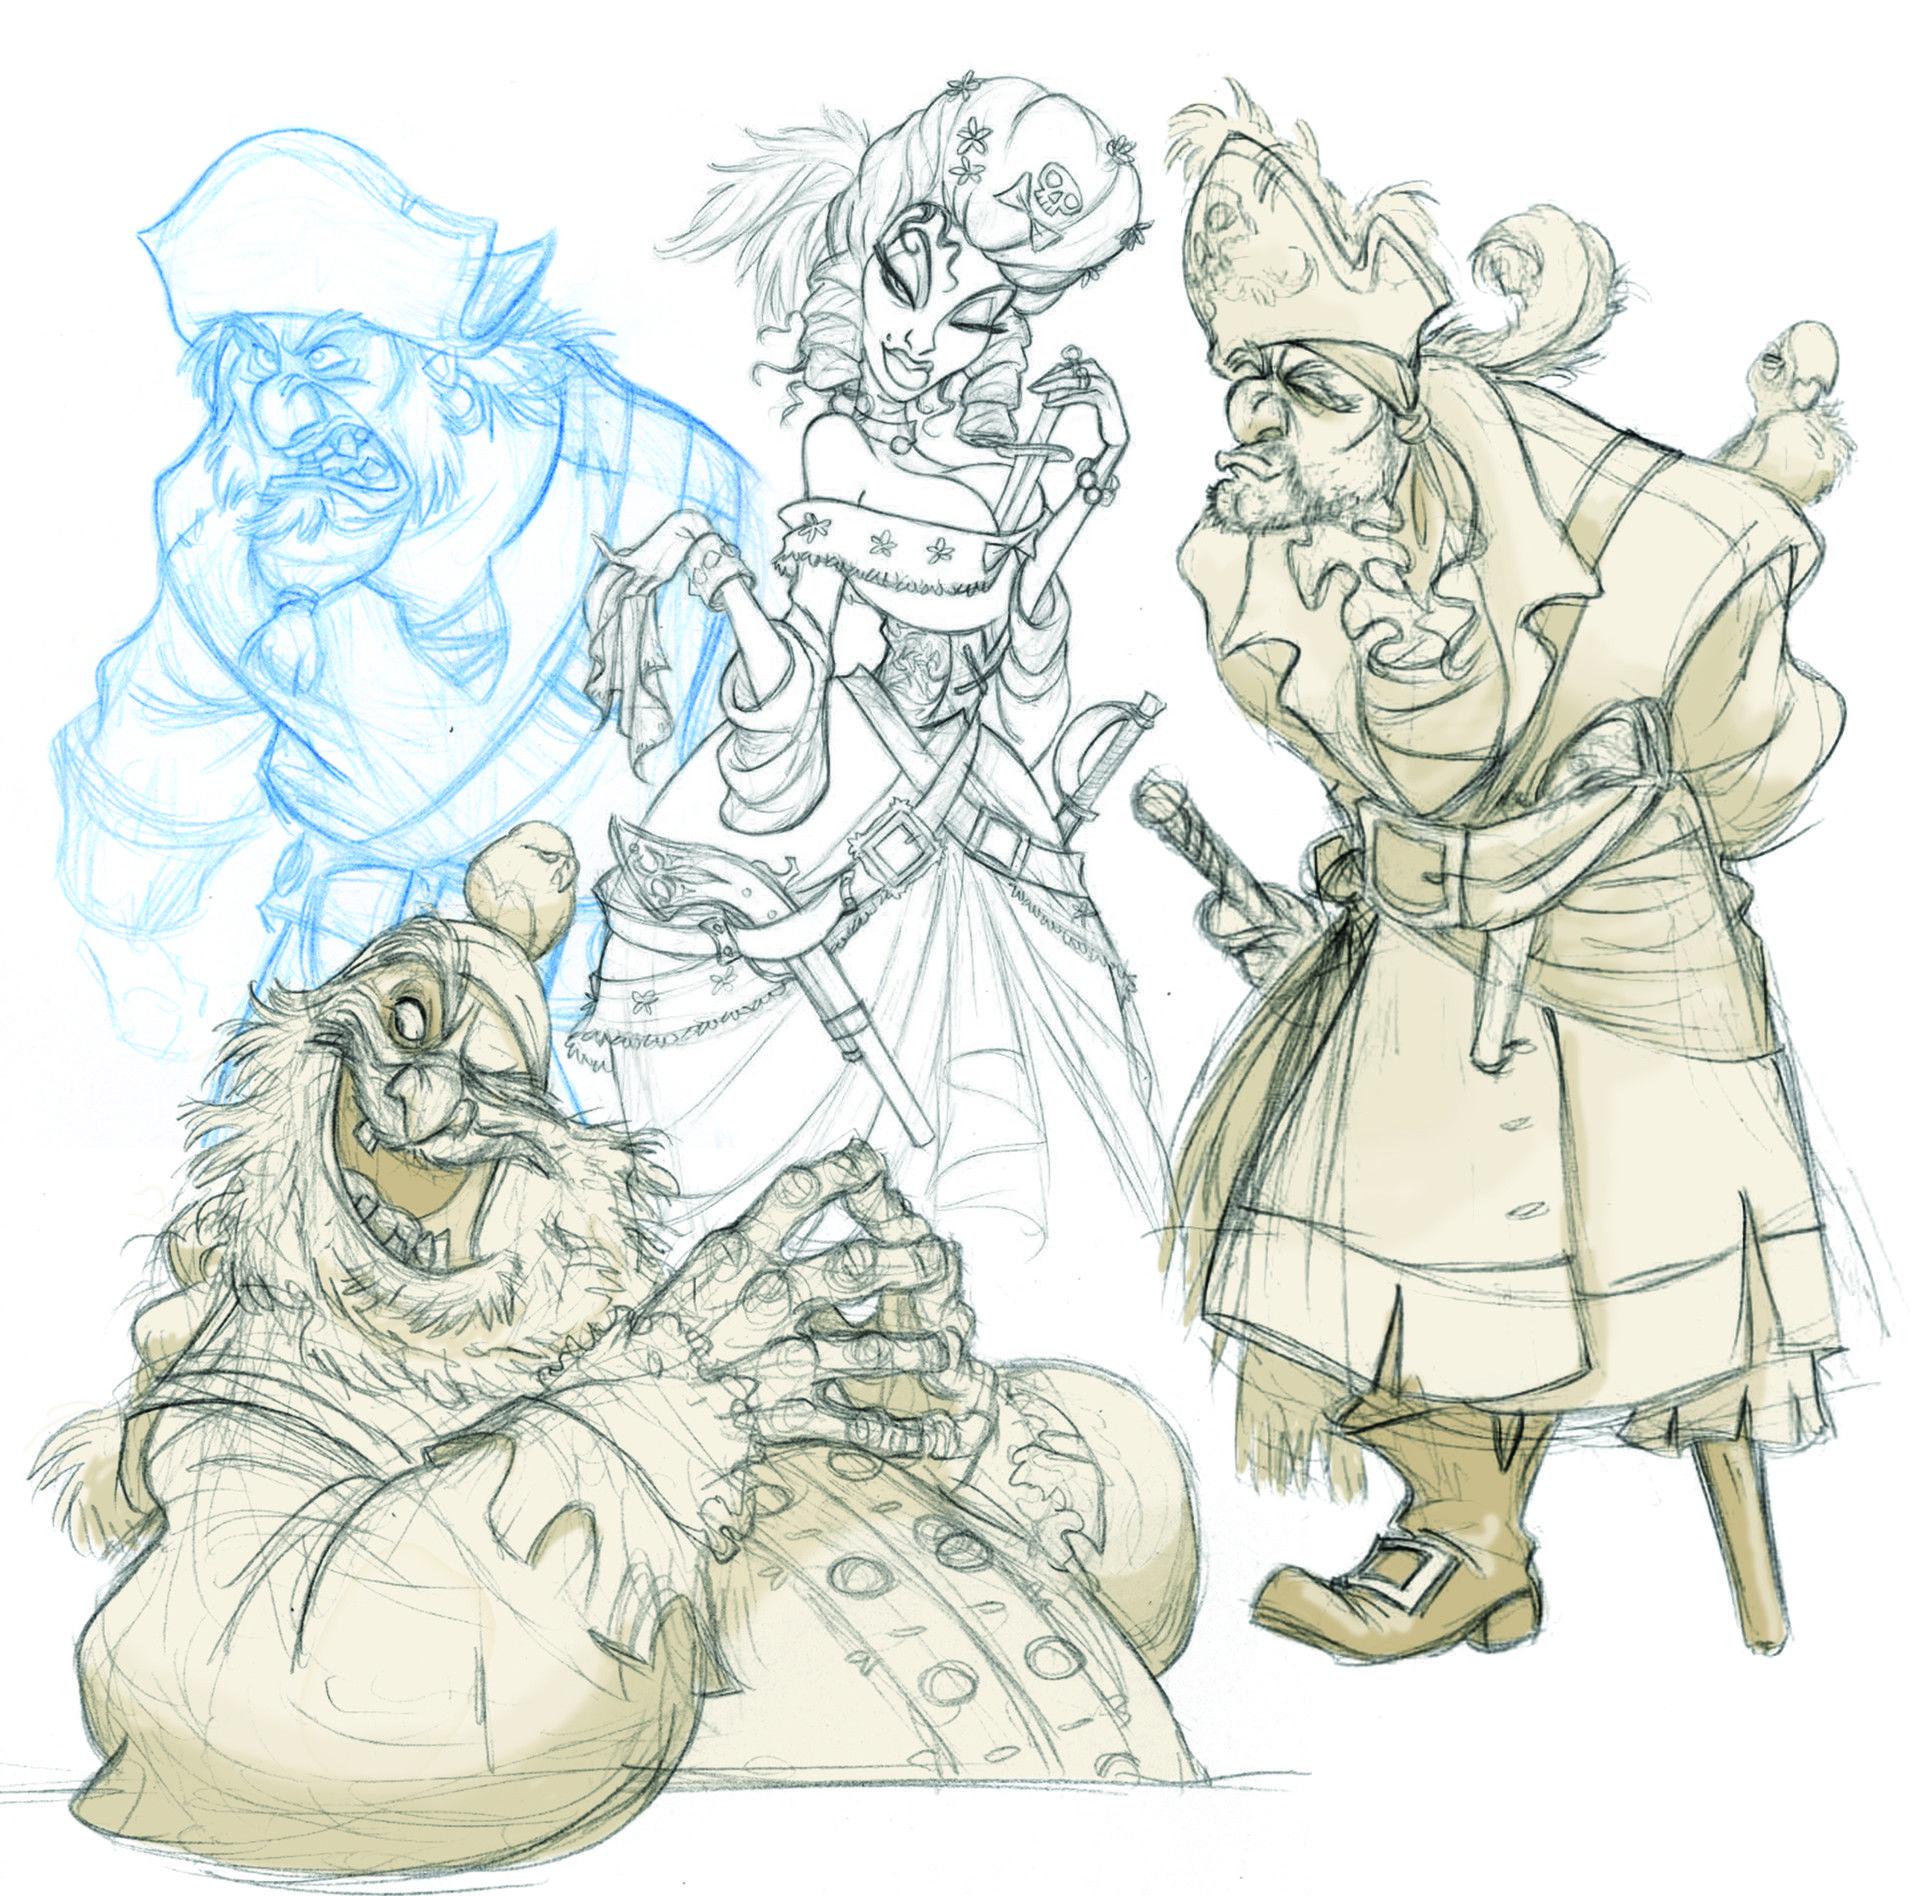 Characters: Animalia by jeff merghart on ArtStation.